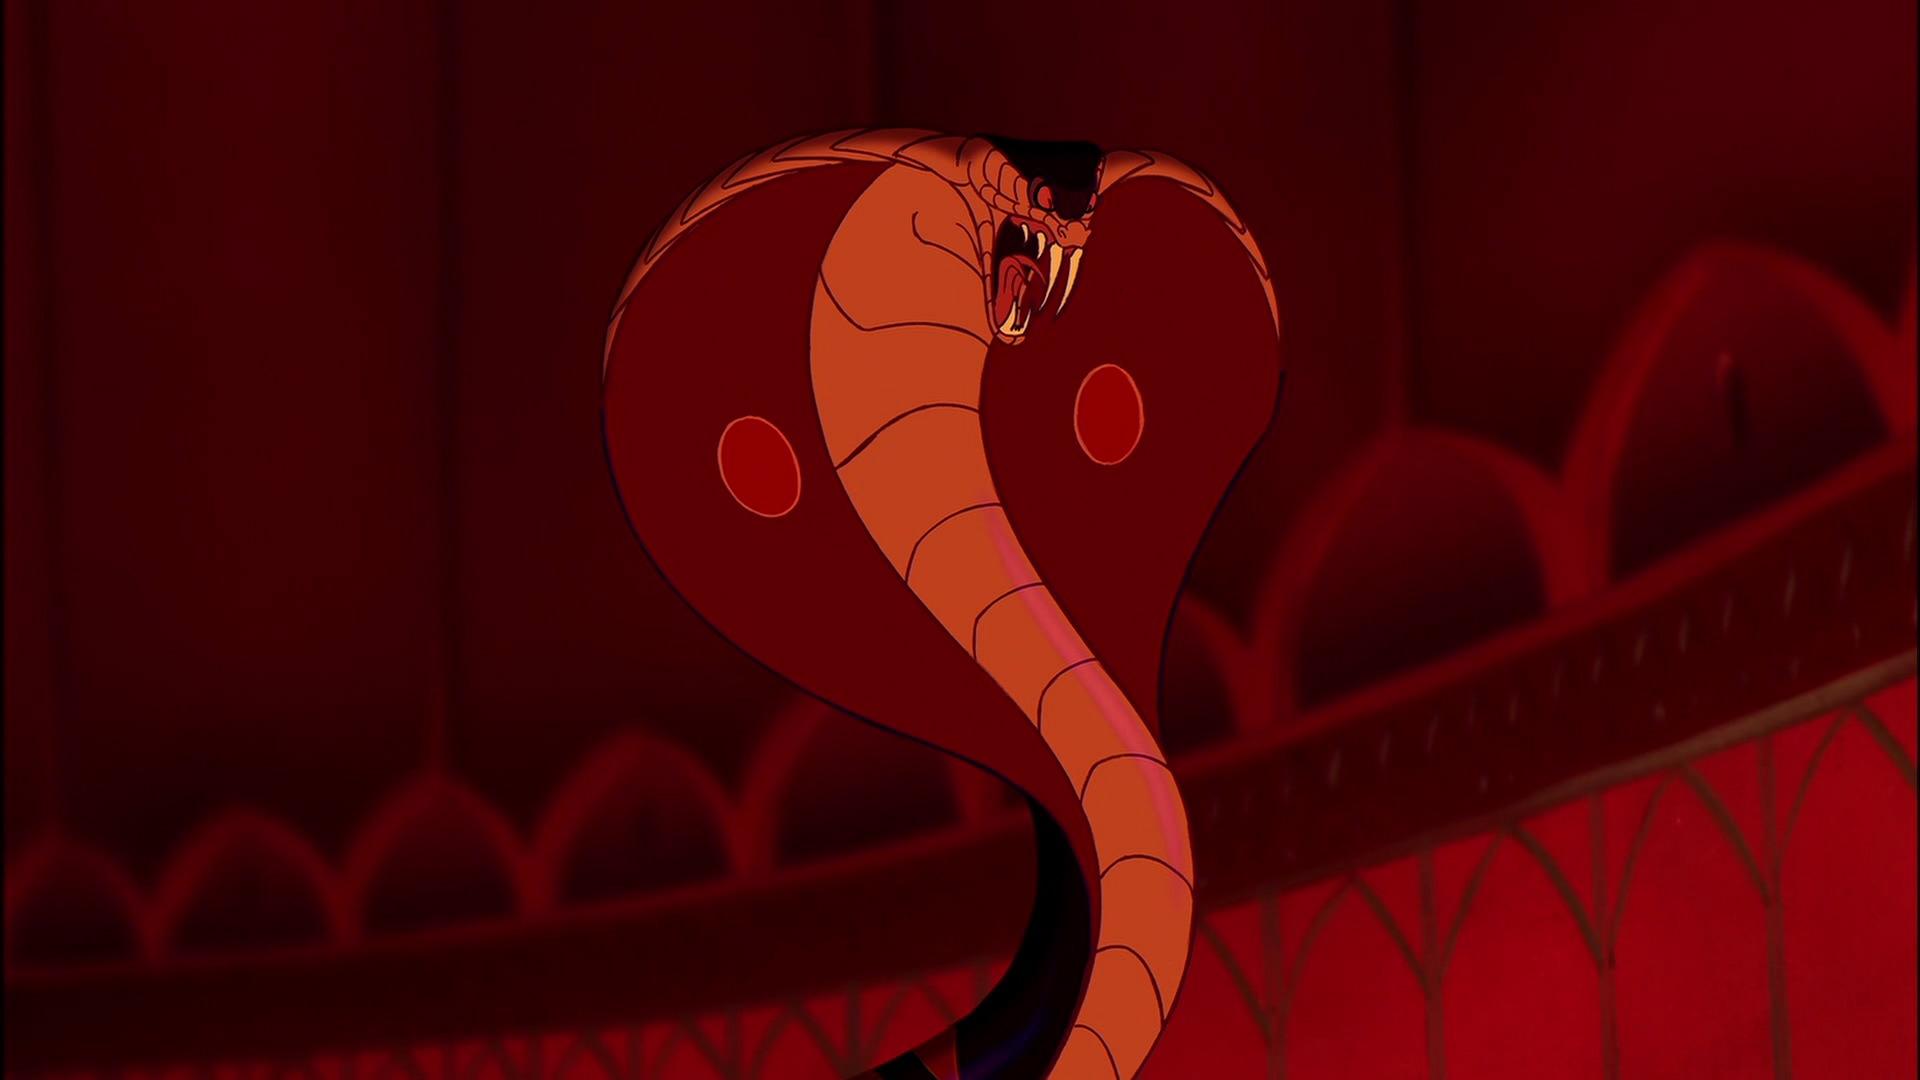 Aladdin: Aladdin-disneyscreencaps Com-9475